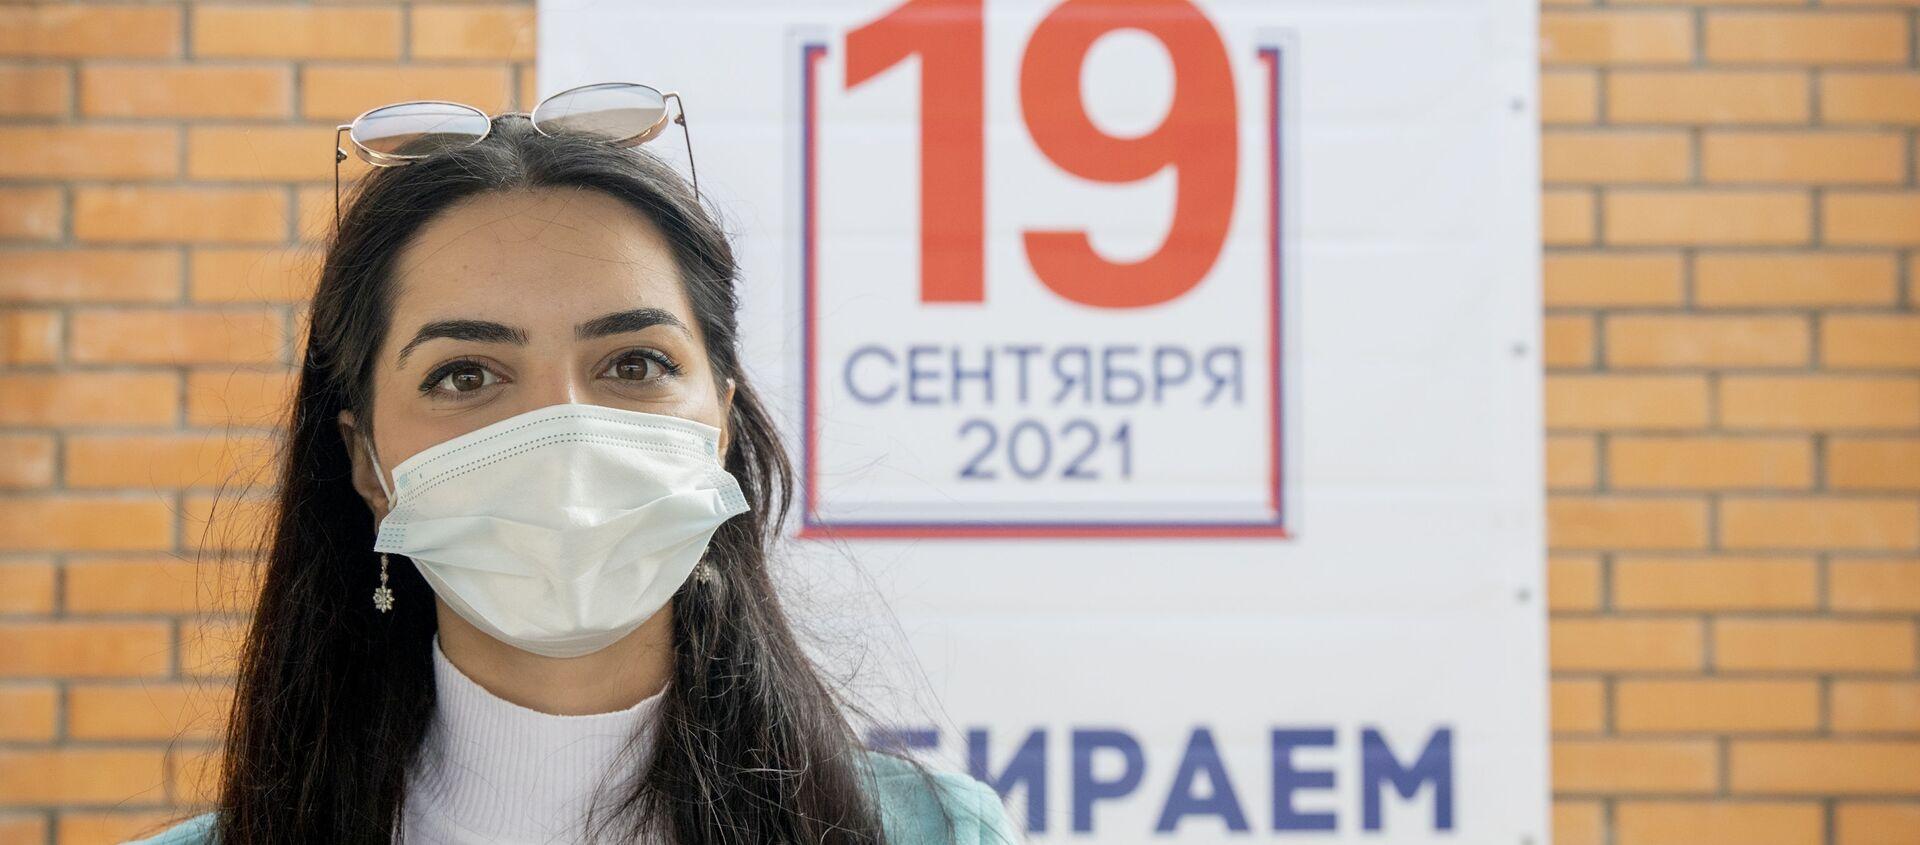 Голосование по выборам в Госдуму РФ в Южной Осетии - Sputnik Южная Осетия, 1920, 19.09.2021